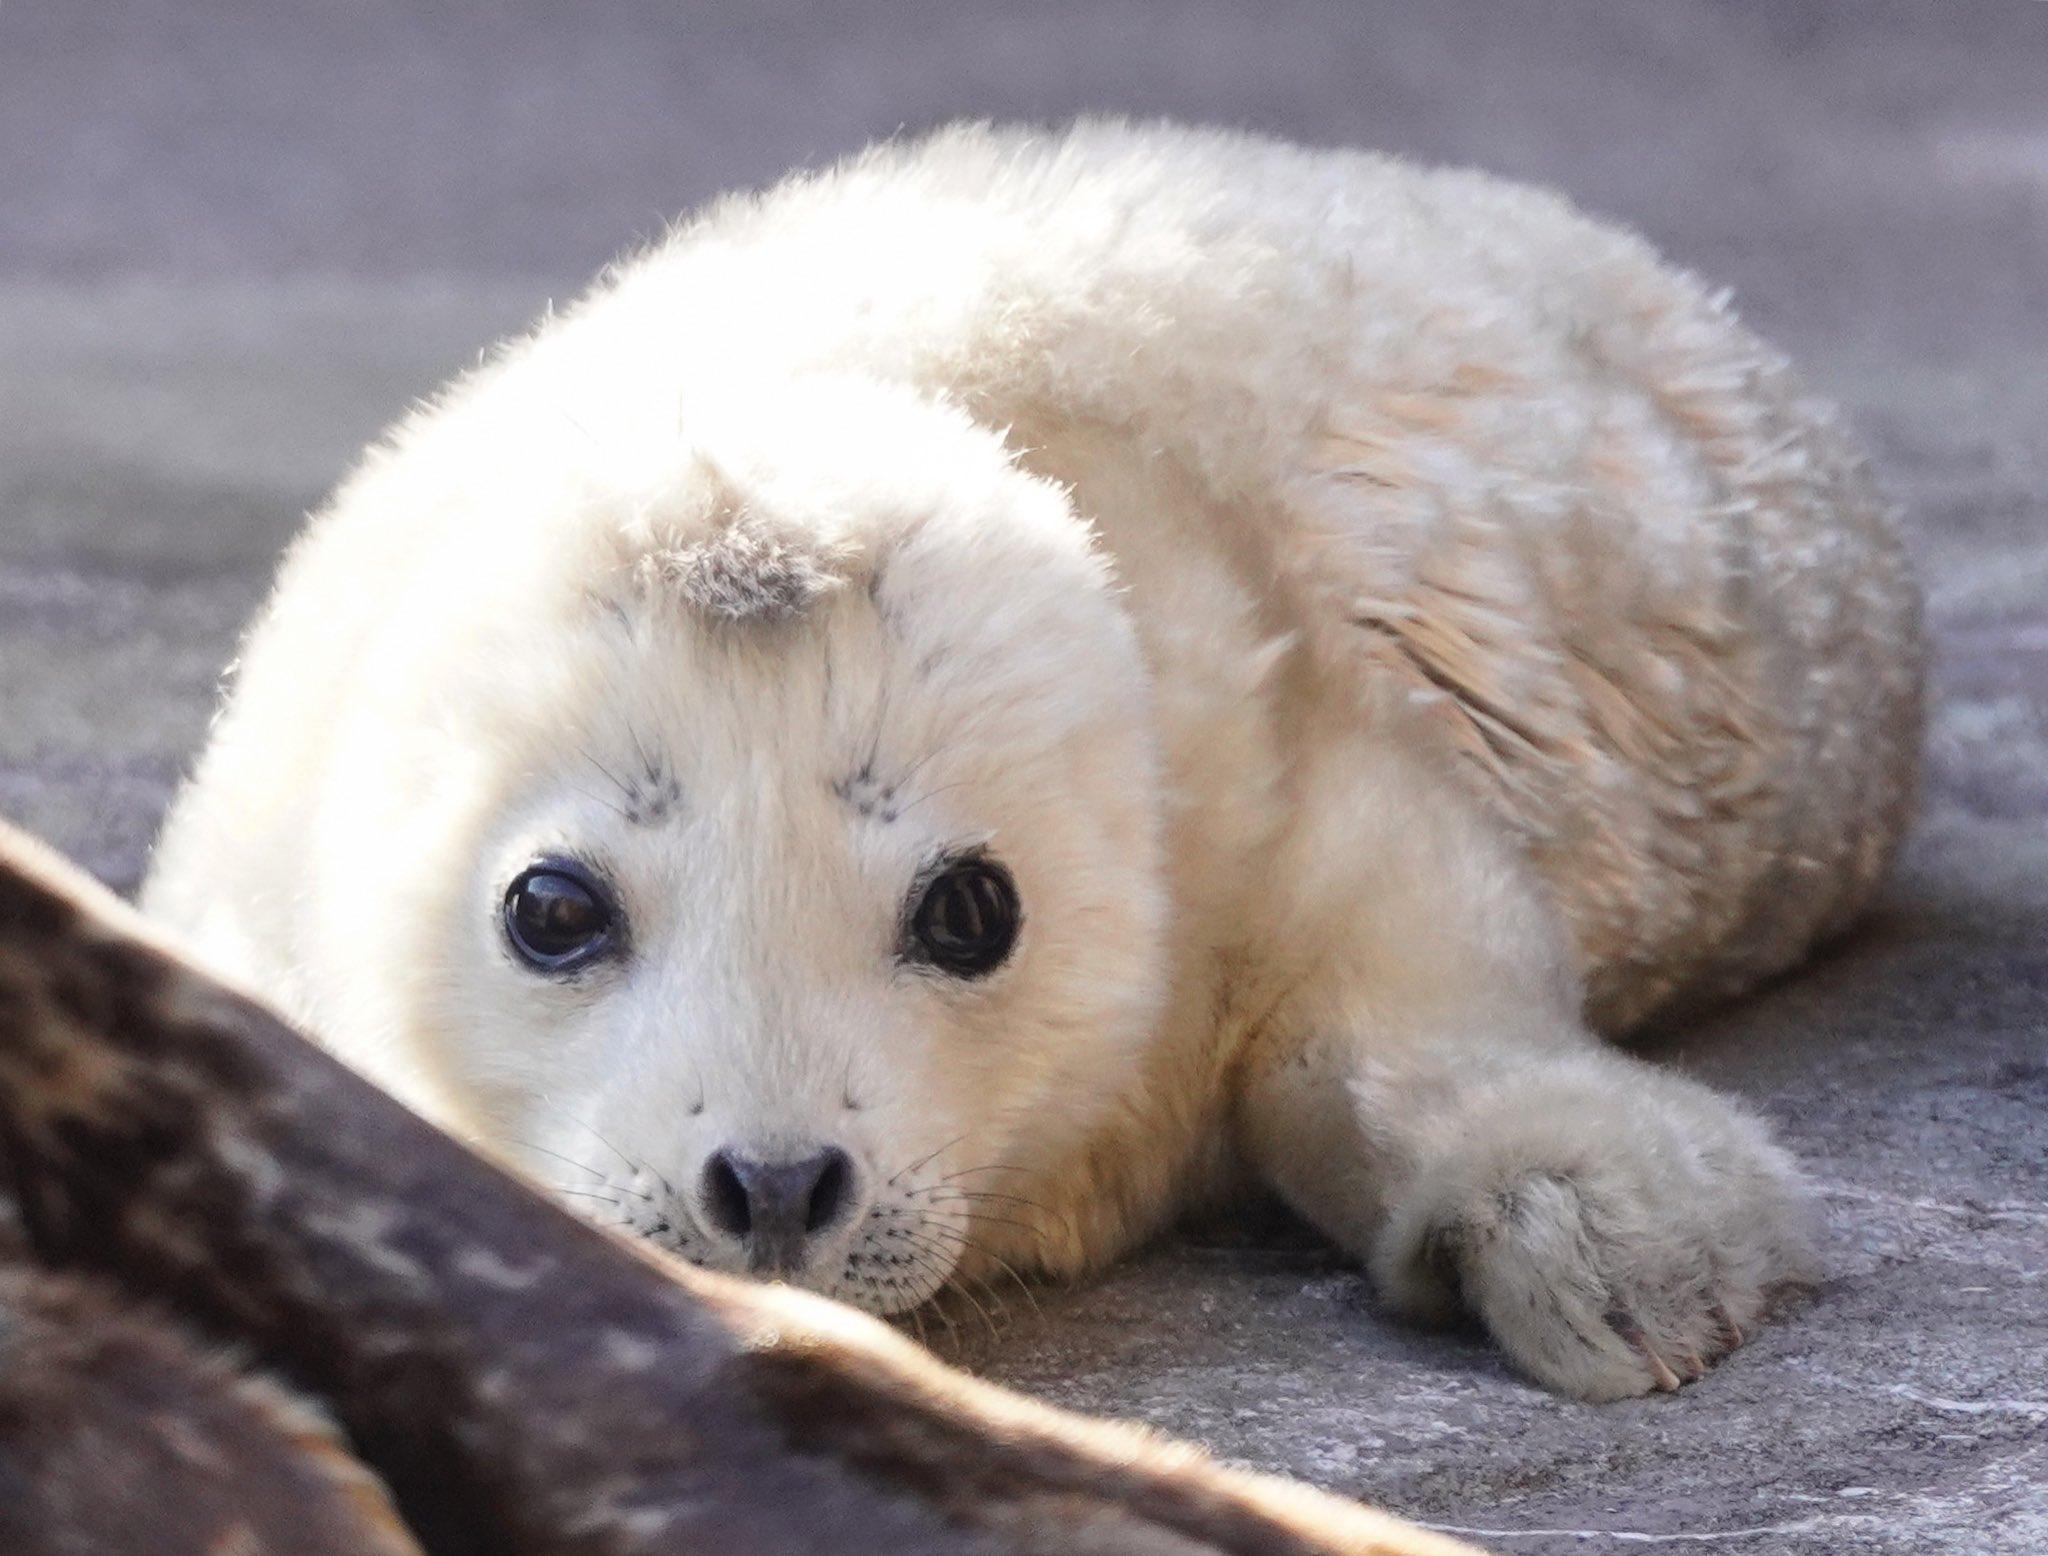 旭山動物園のアザラシの赤ちゃん。本日、誕生したそうです。お母さんが赤ちゃんを守ろうとして鳥を威嚇し、それを追い払ってあげようとした飼育員さんも威嚇してました。 #アザラシ #赤ちゃん #旭山動物園